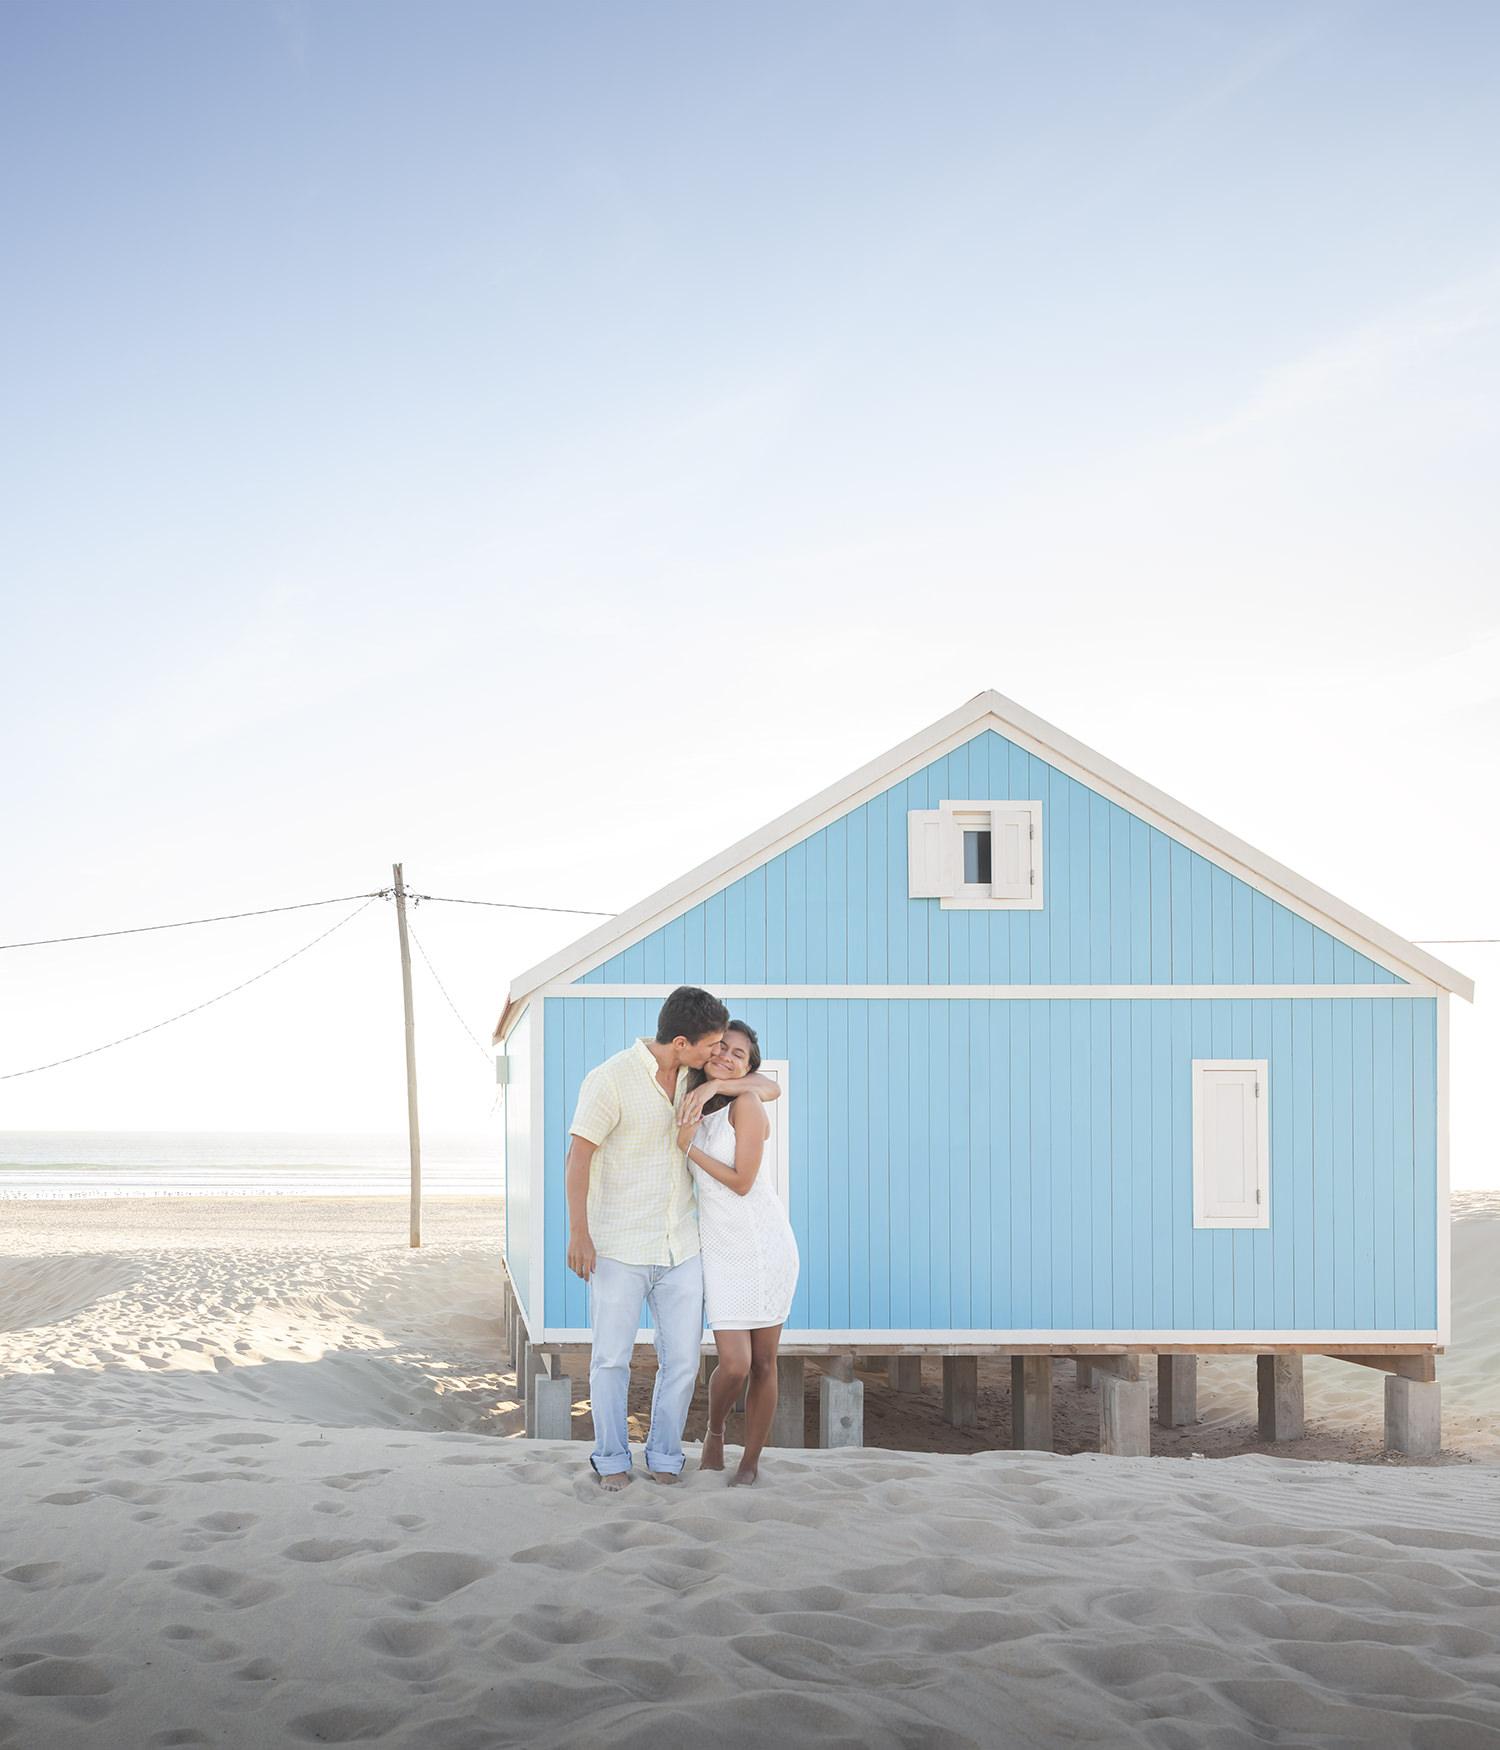 praia-saude-engagement-photographer-terra-fotografia-004.jpg